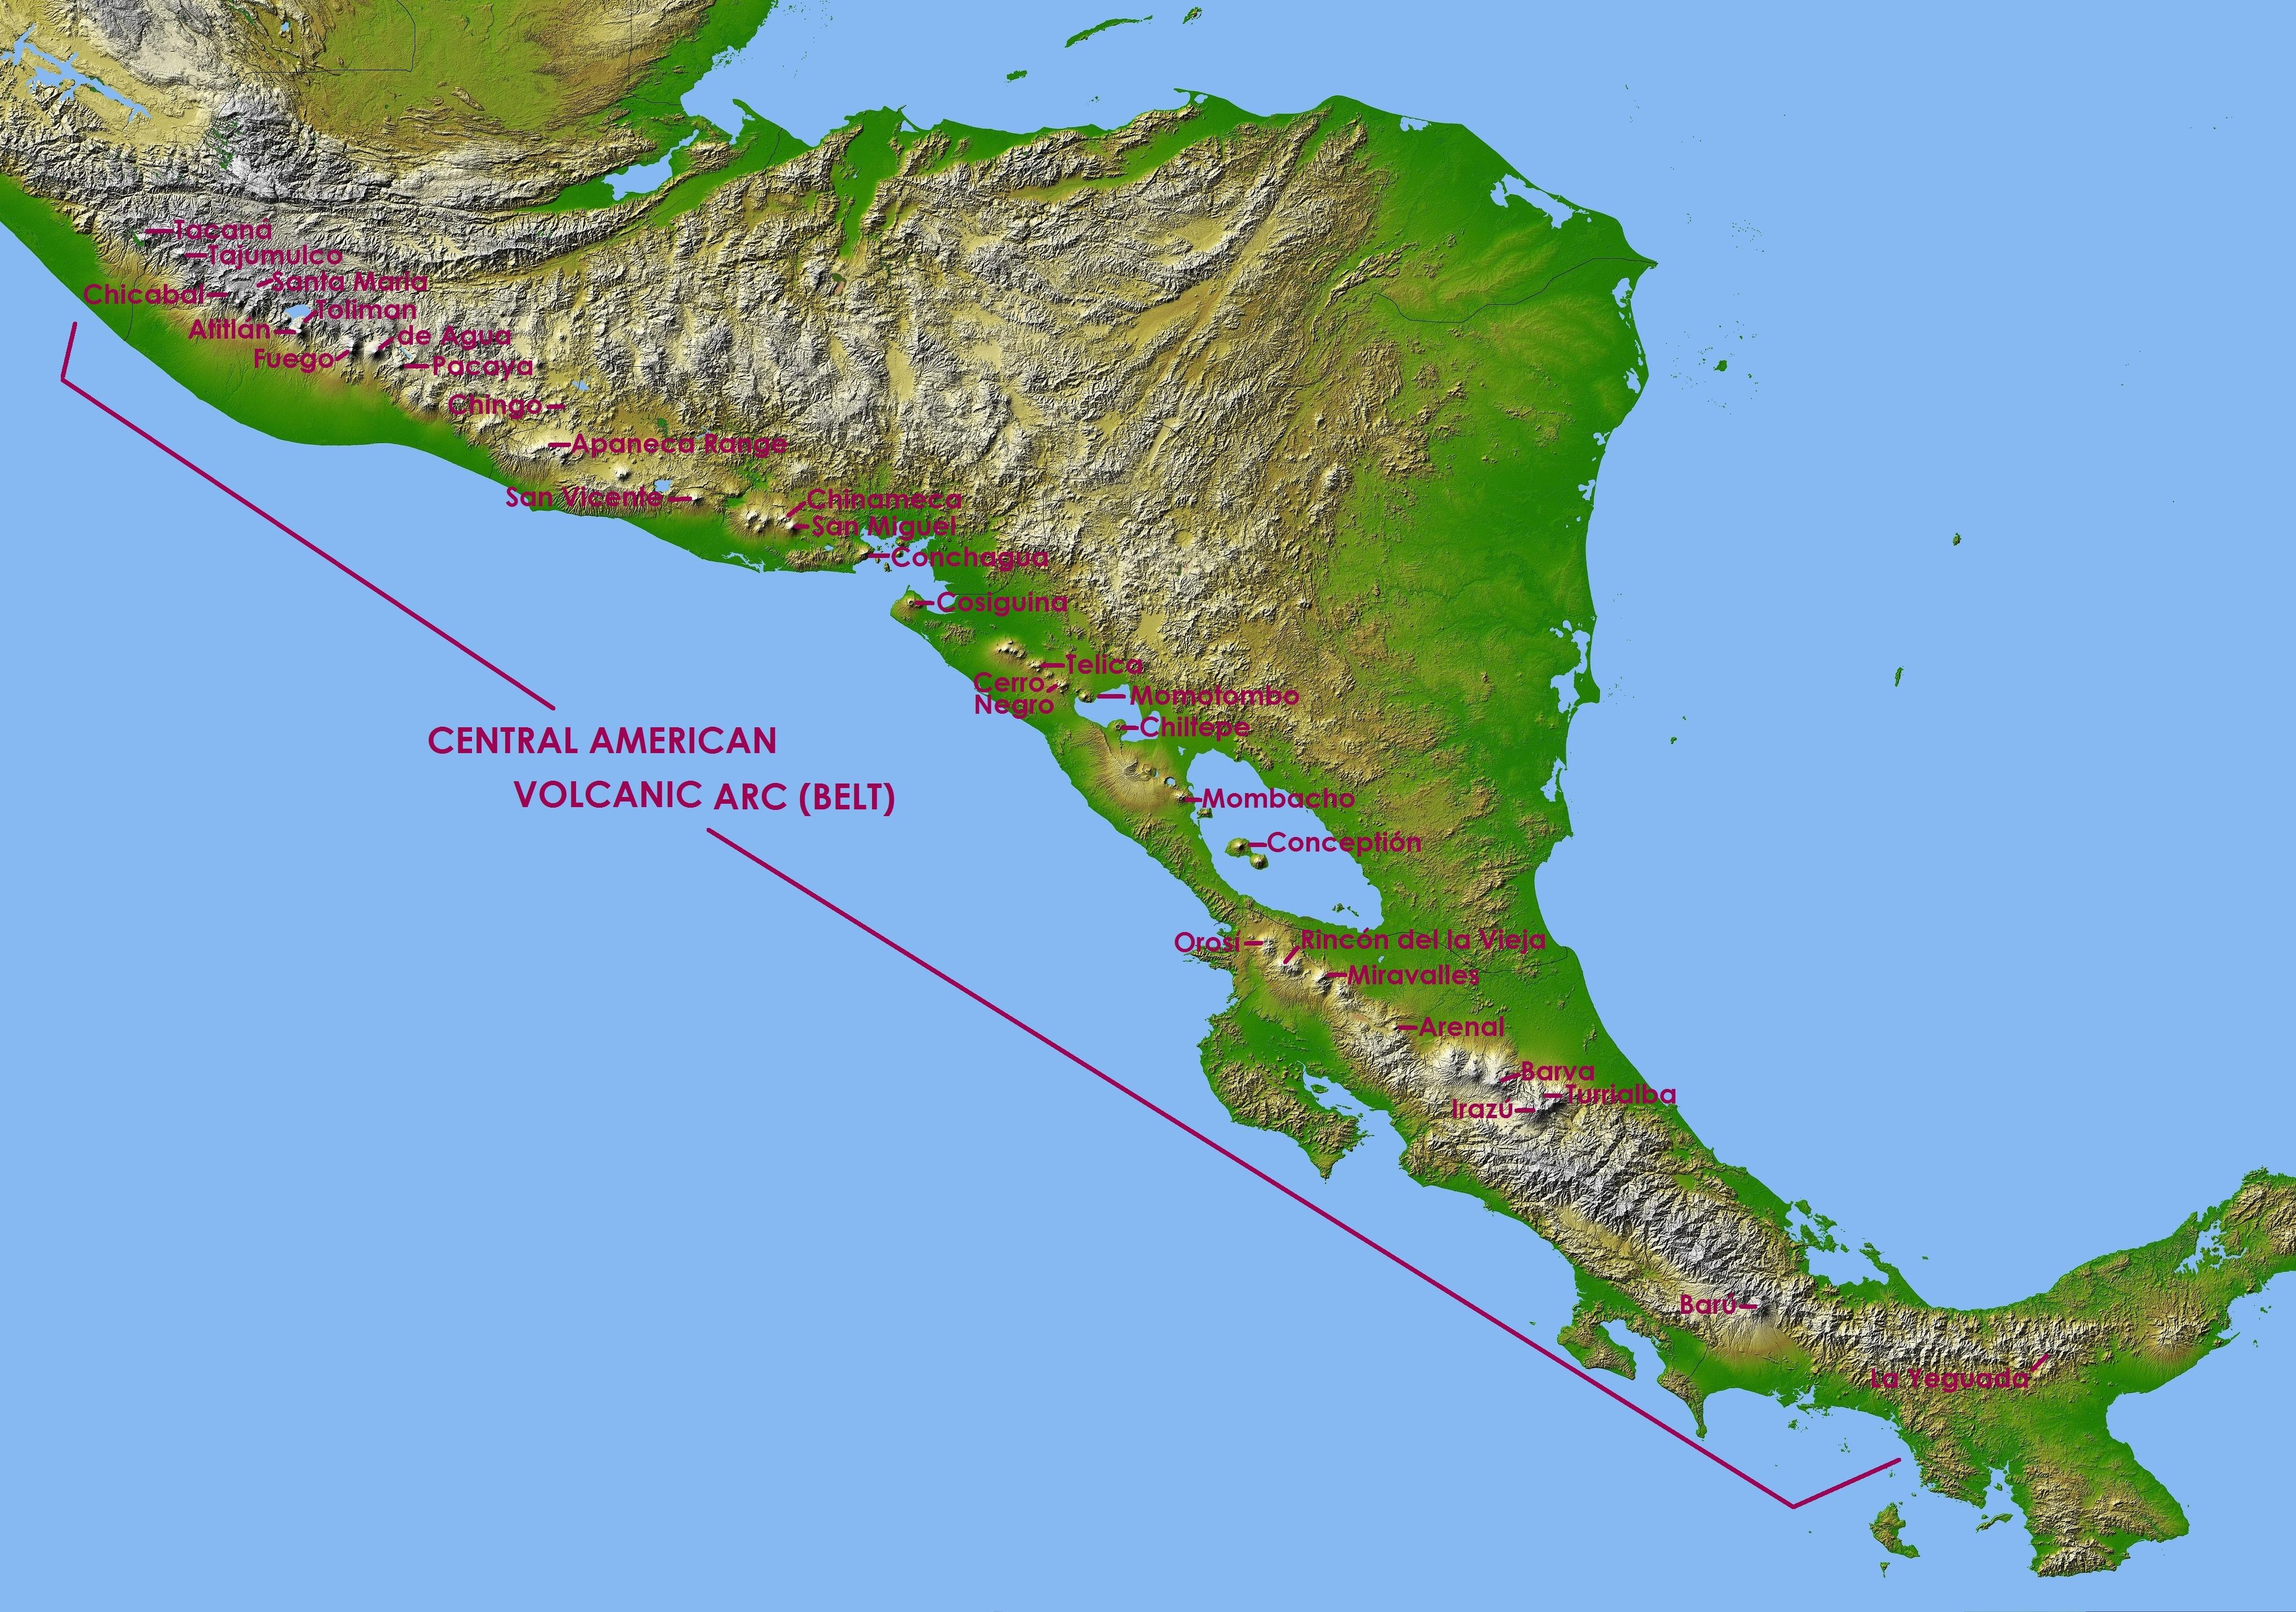 Cartina Geografica Centro America.Arco Vulcanico Dell America Centrale Wikipedia